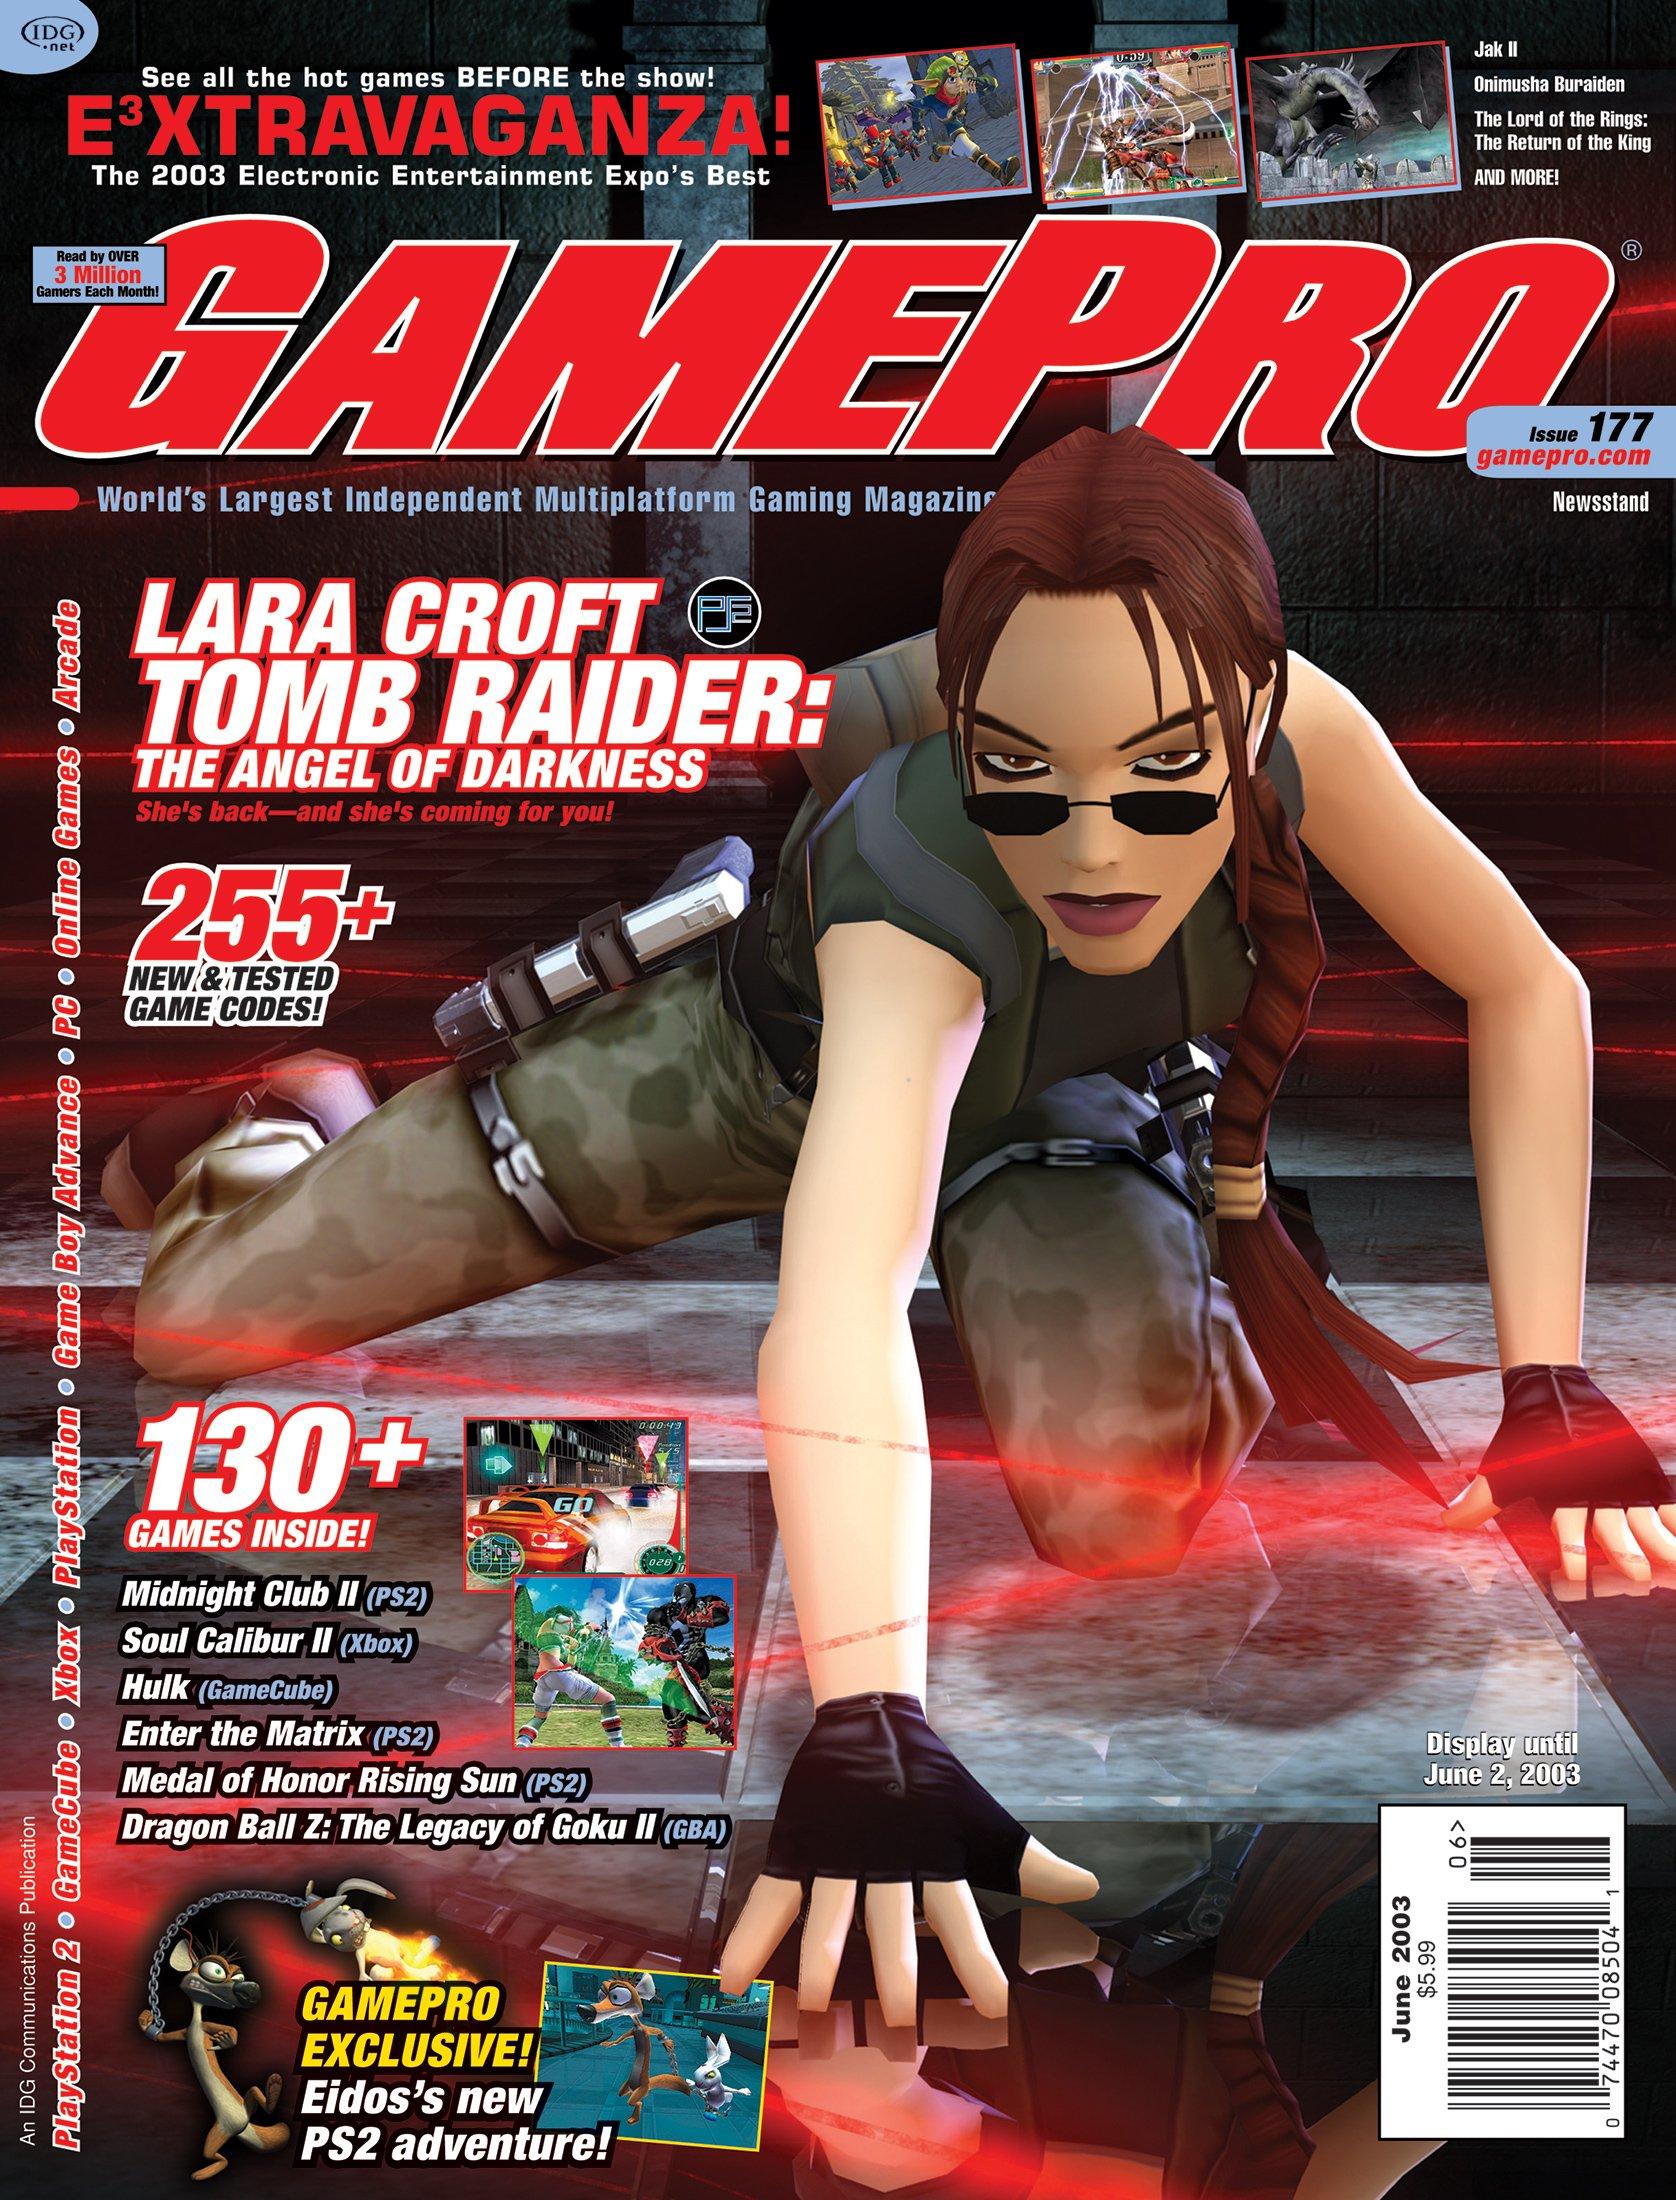 GamePro Issue 177 (June 2003)